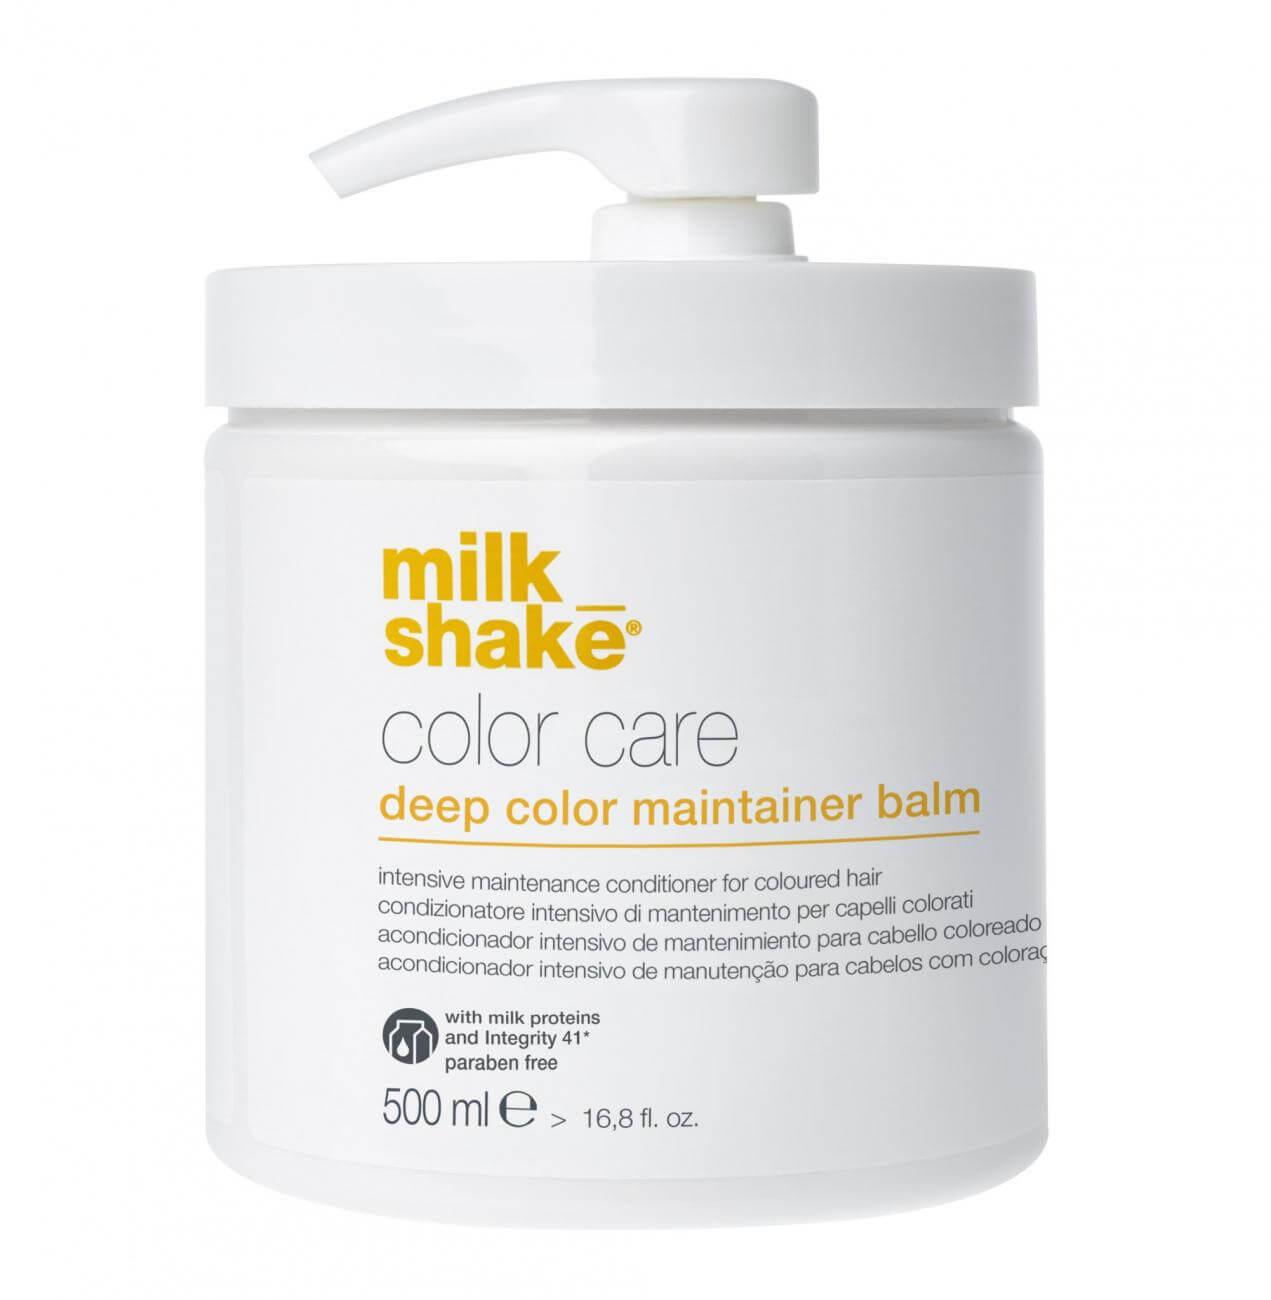 milk_shake COLOR CARE КОНДИЦИОНЕР ДЛЯ ПОДДЕРЖАНИЯ ЦВЕТА 500 МЛ